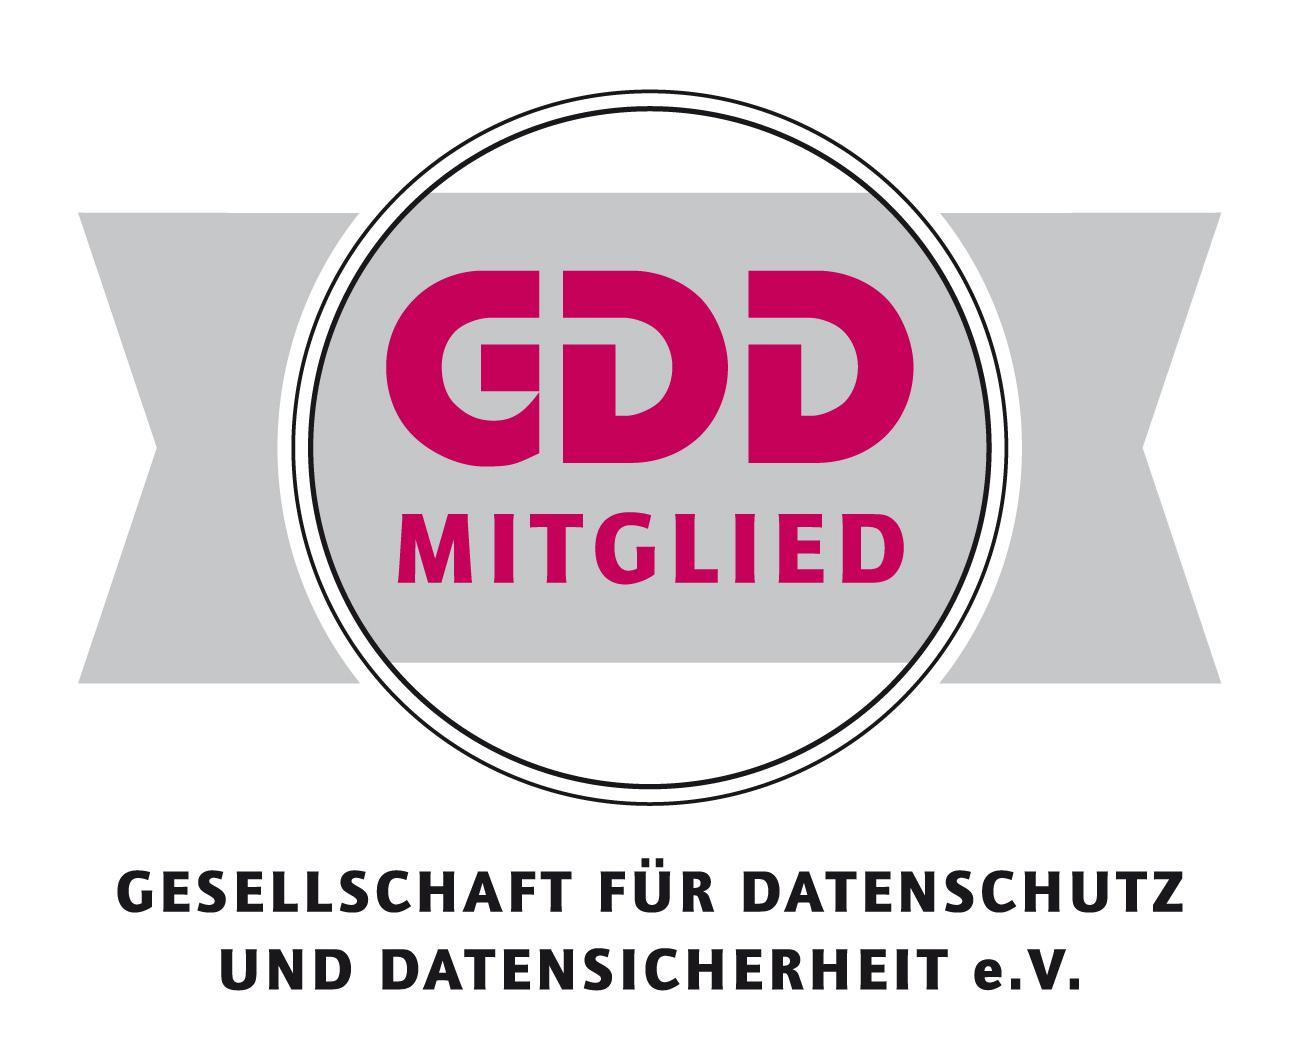 GDD - Gesellschaft für Datenschutz und Datensicherheit e.V.